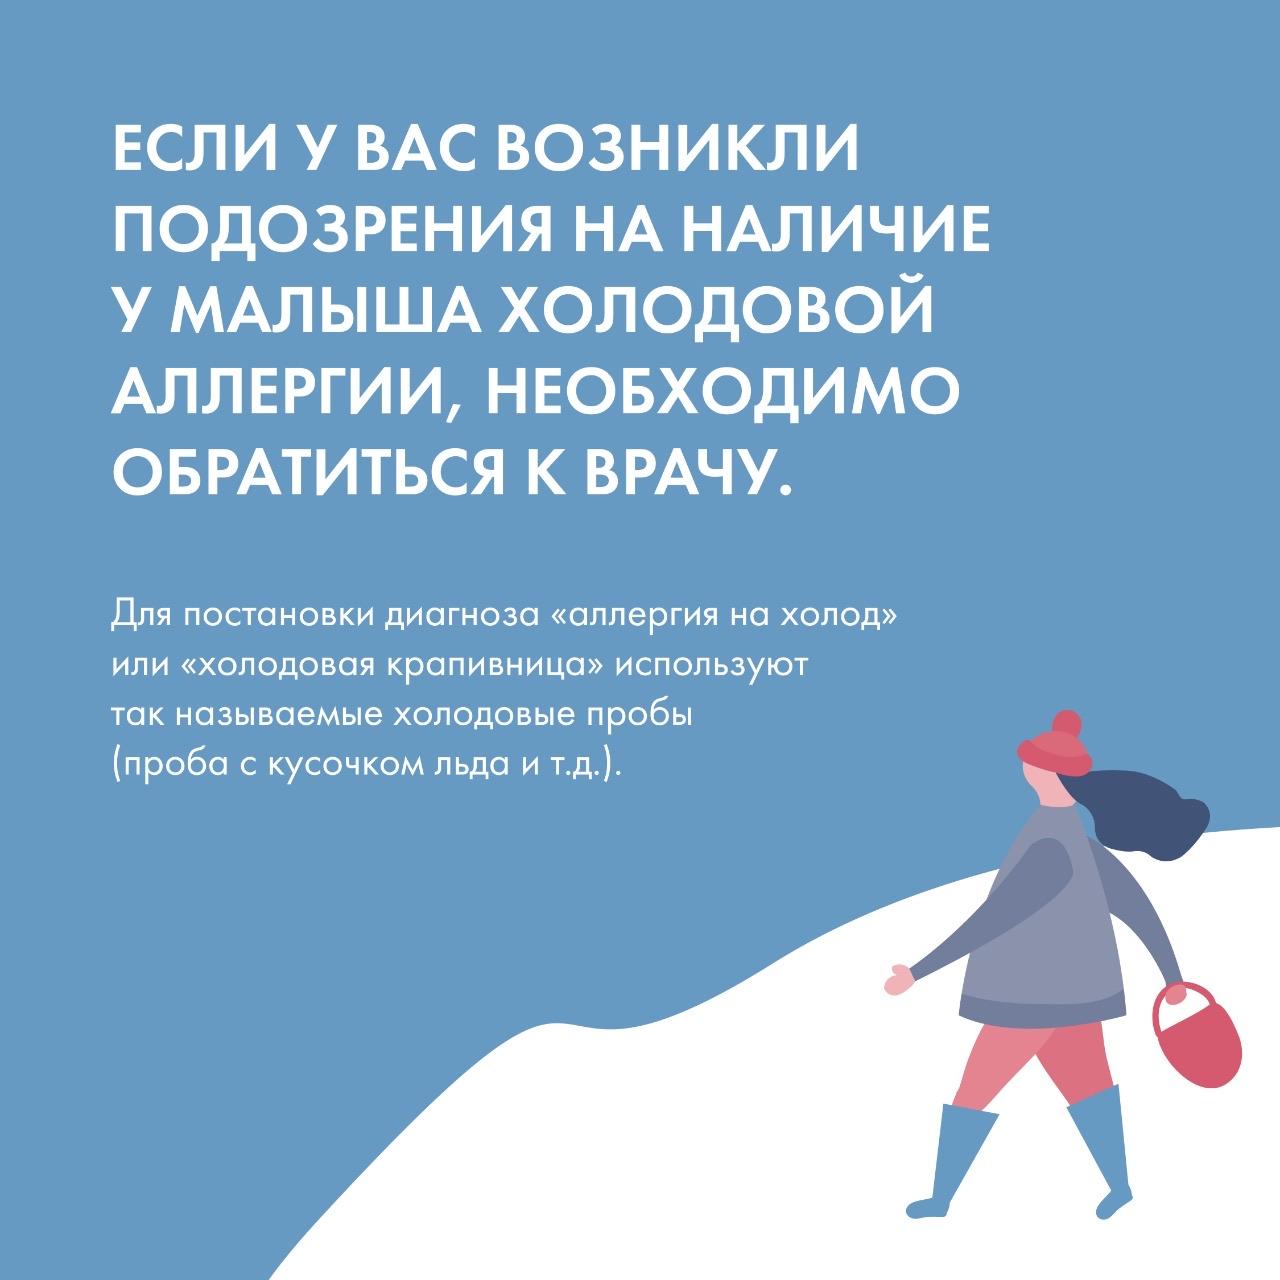 Холодовая аллергия у ребенка представляет собой негативную реакцию организма на воздействие низких температур